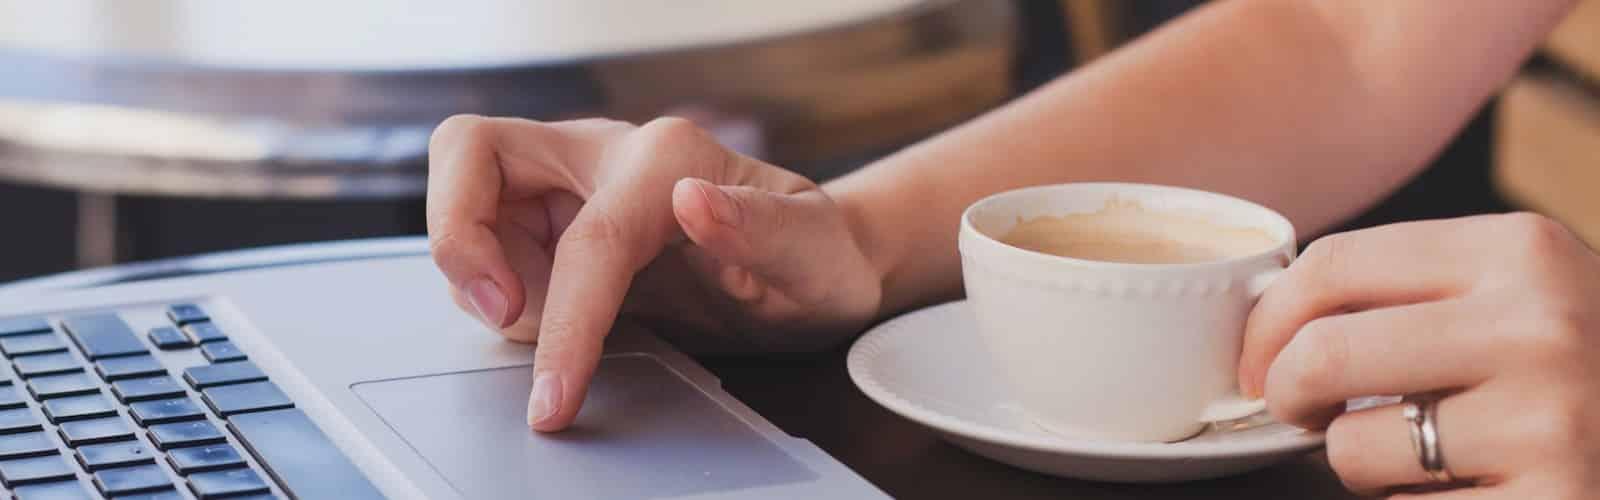 stappenplan-internationale-echtscheiding